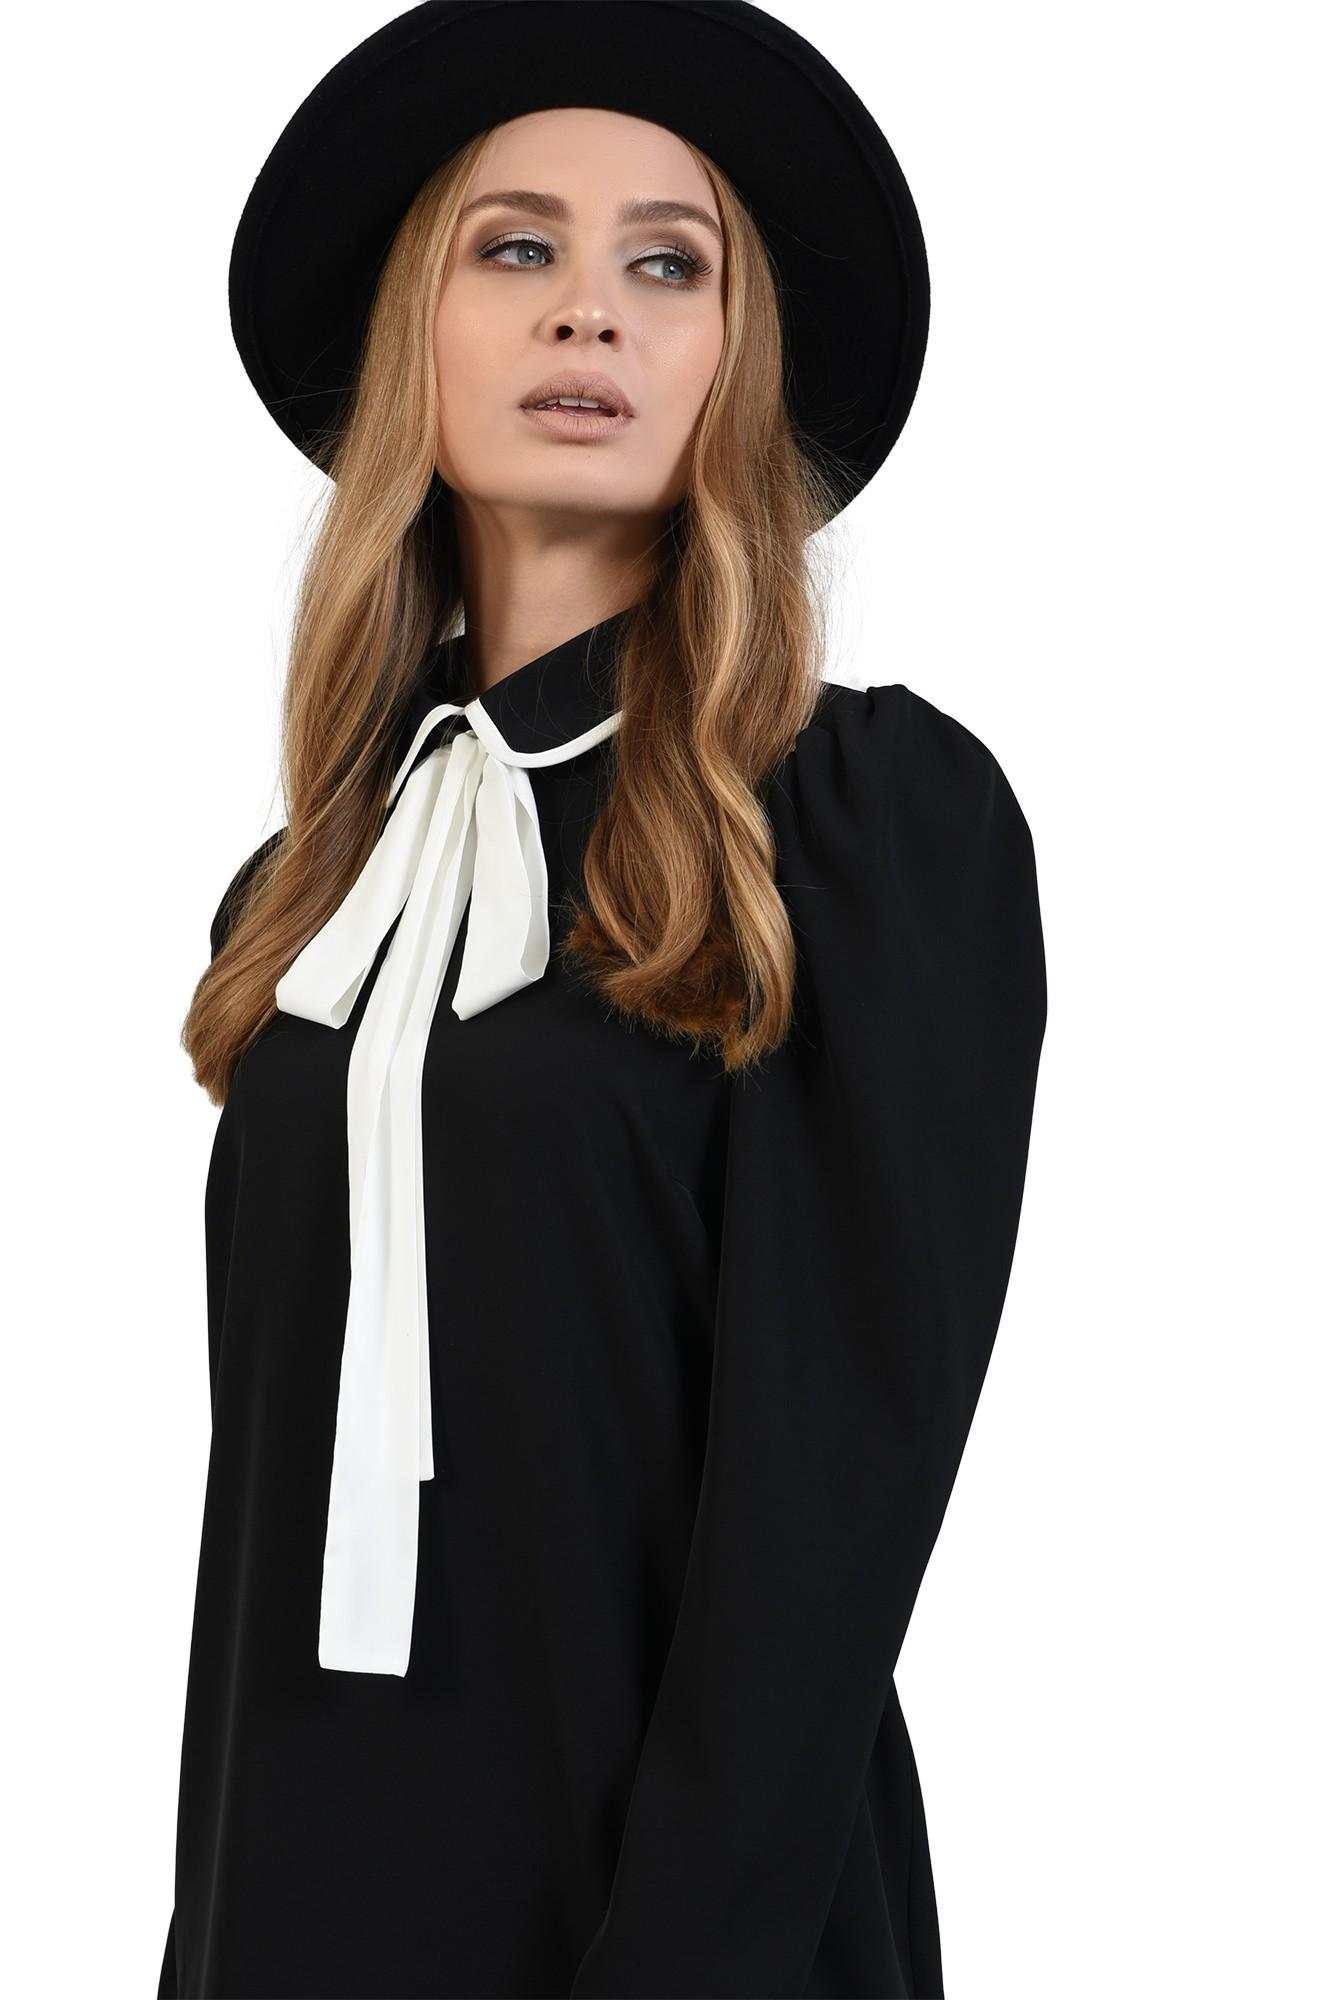 rochie neagra, cu maneca lunga, cu funda alba